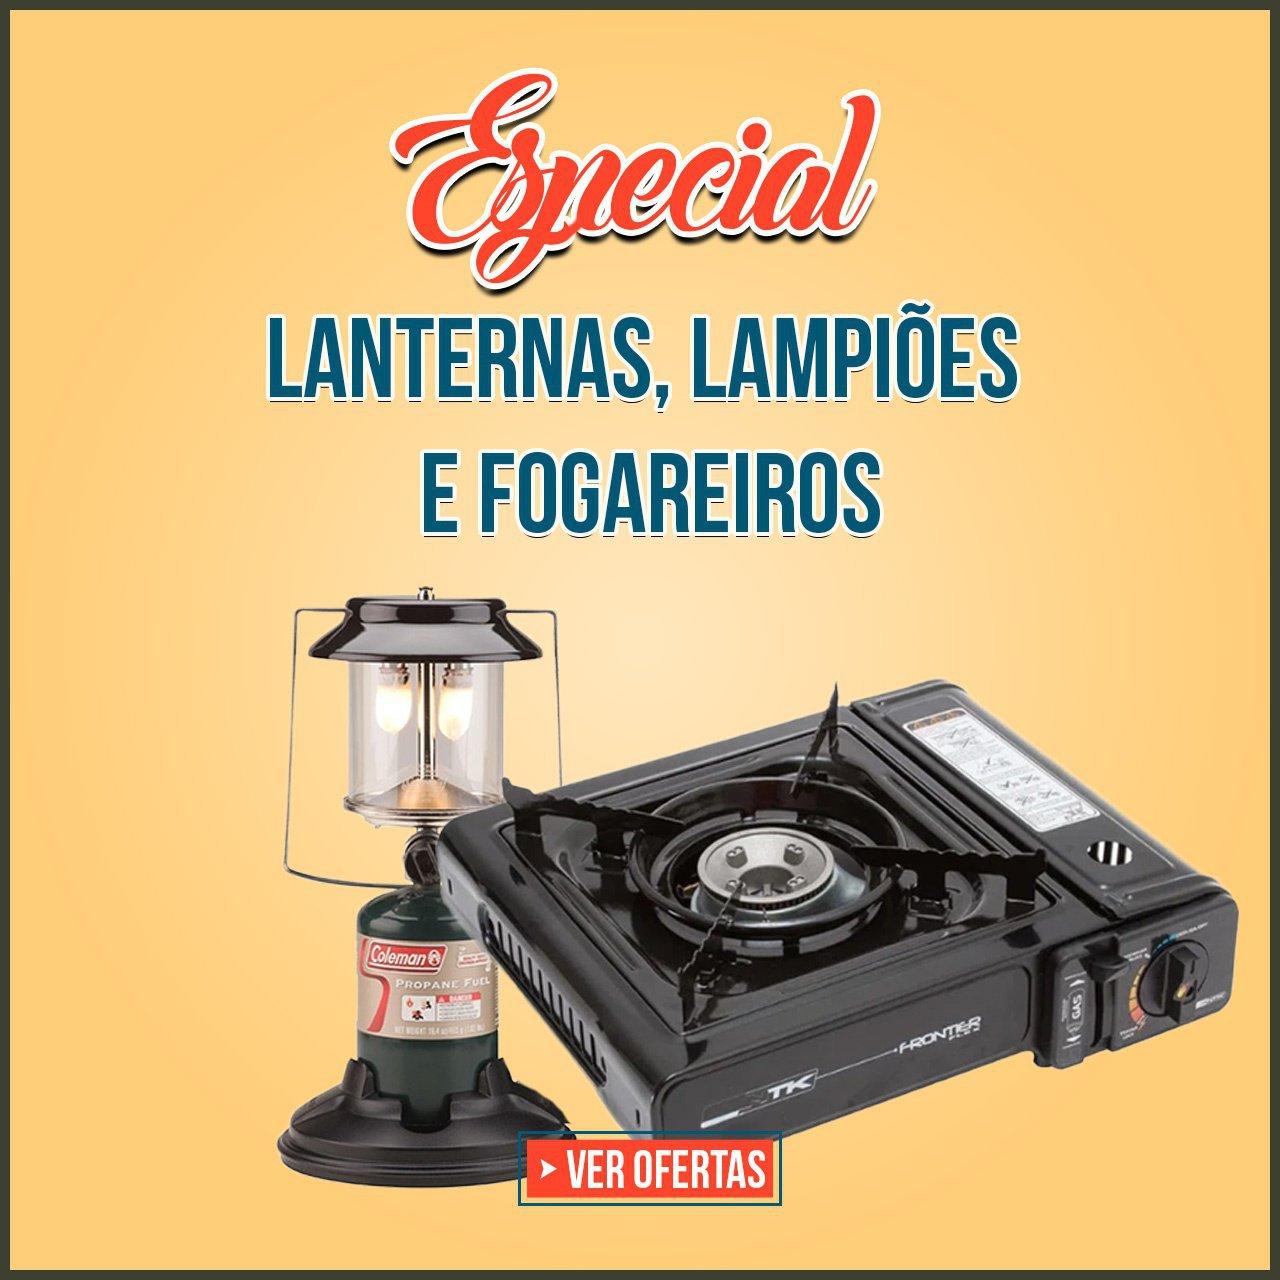 ESPECIAL LANTERNAS, LAMPIOES & FOGAREIROS